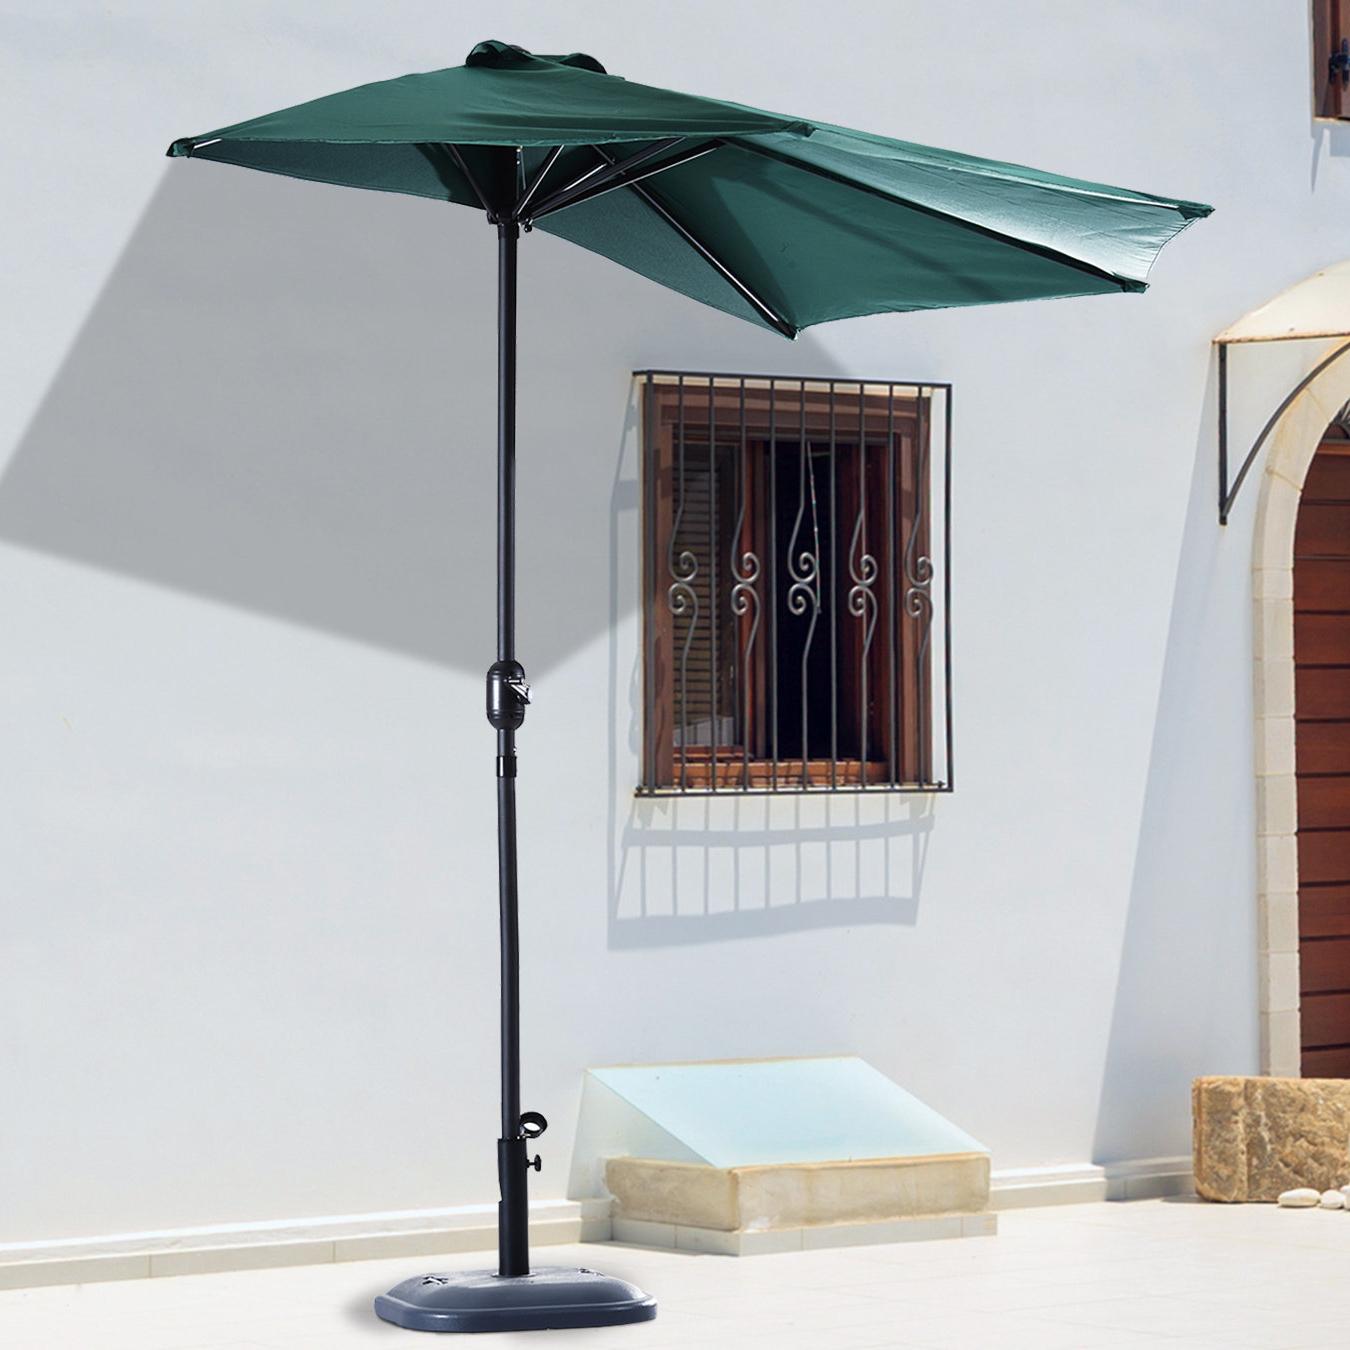 Becking 9' Half Round Market Umbrella For Widely Used Half Round Market Umbrellas (Gallery 8 of 20)